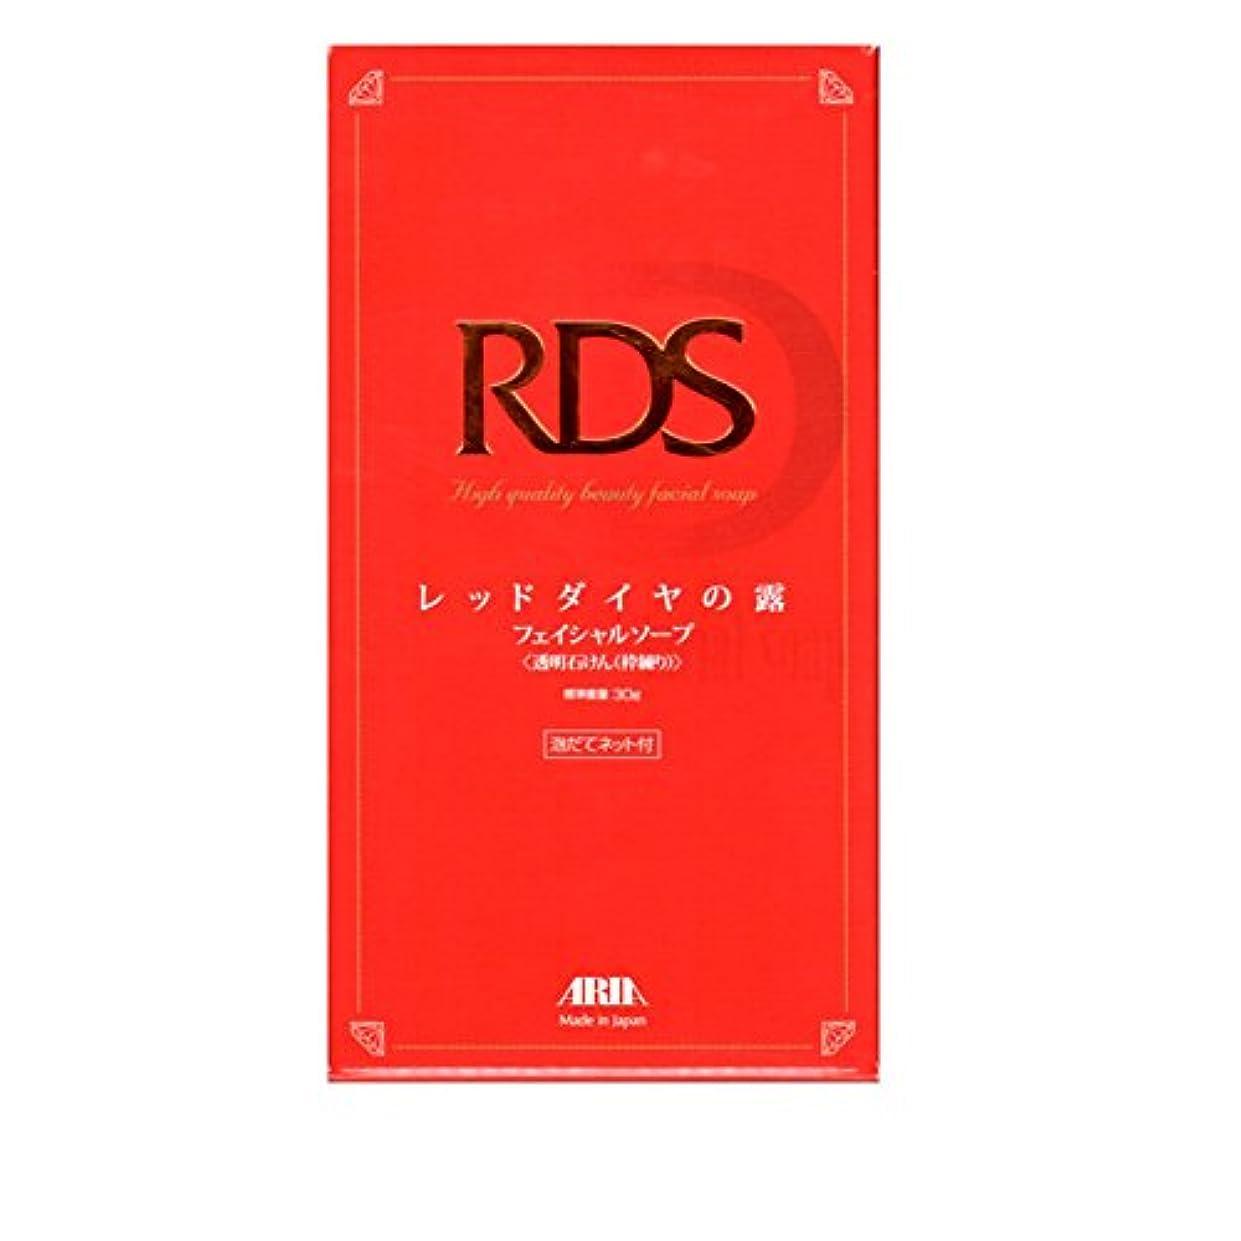 フィード場所バブルレッドダイヤの露 フェイシャルソープ 洗顔 石鹸 日本製